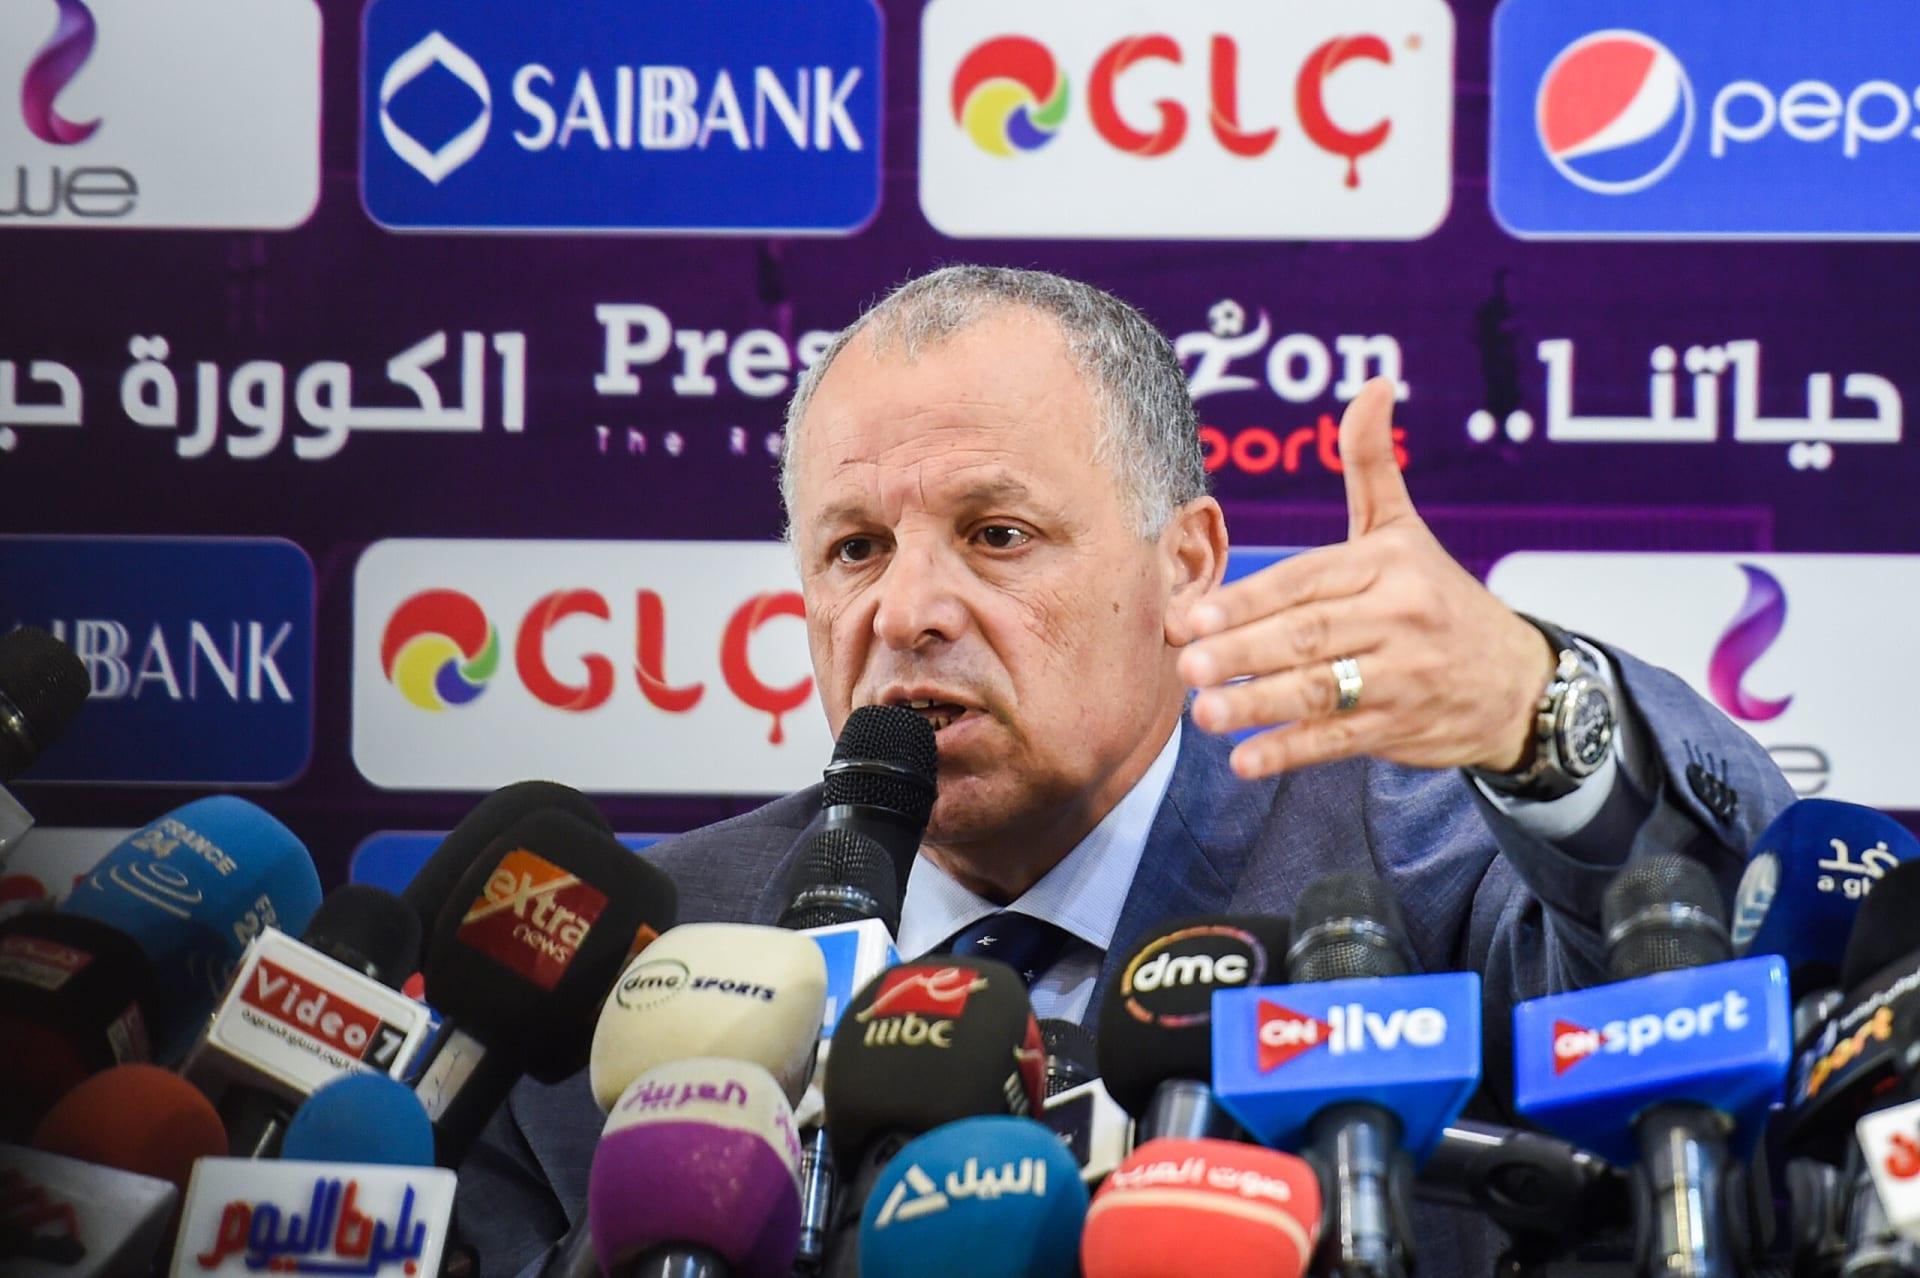 بعد 13 عاما على تنظيم البطولة.. مصر تتقدم بطلب استضافة كأس أمم أفريقيا 2019